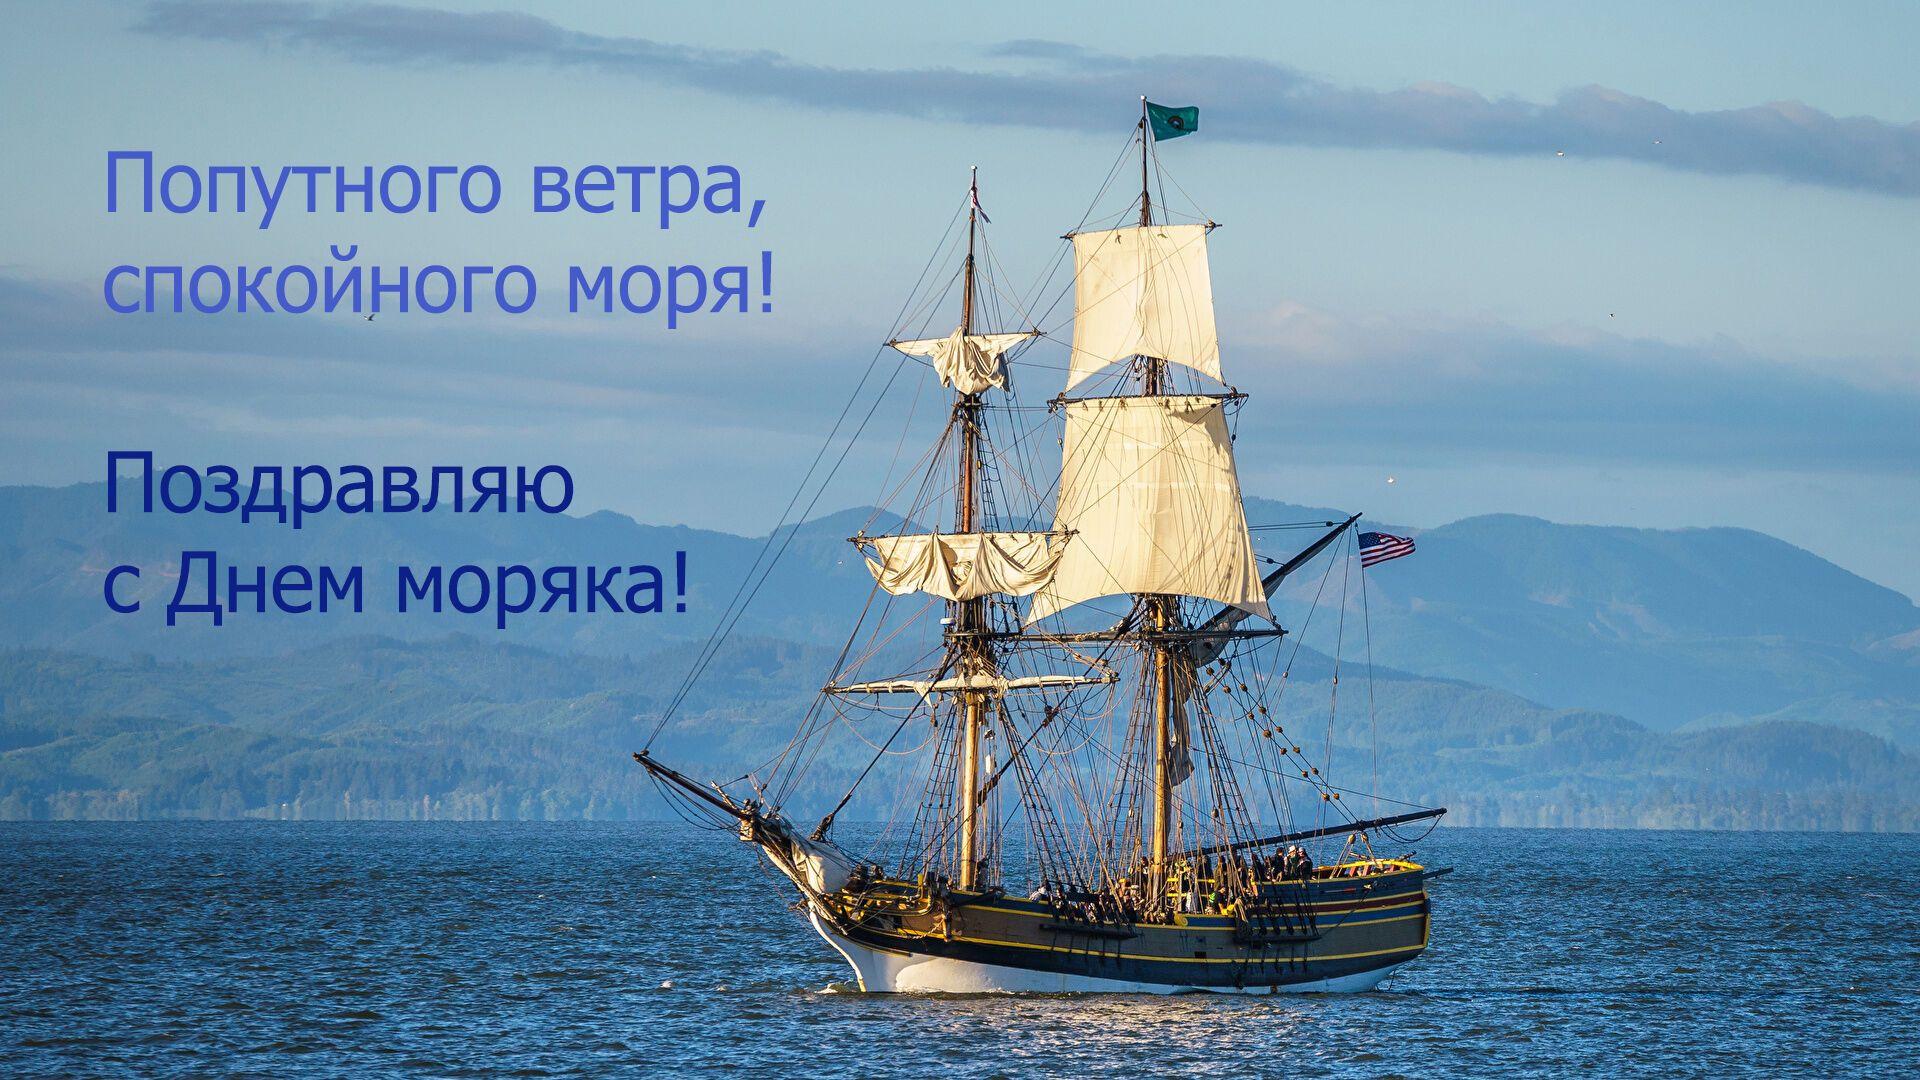 День моряка поздравление проза 896